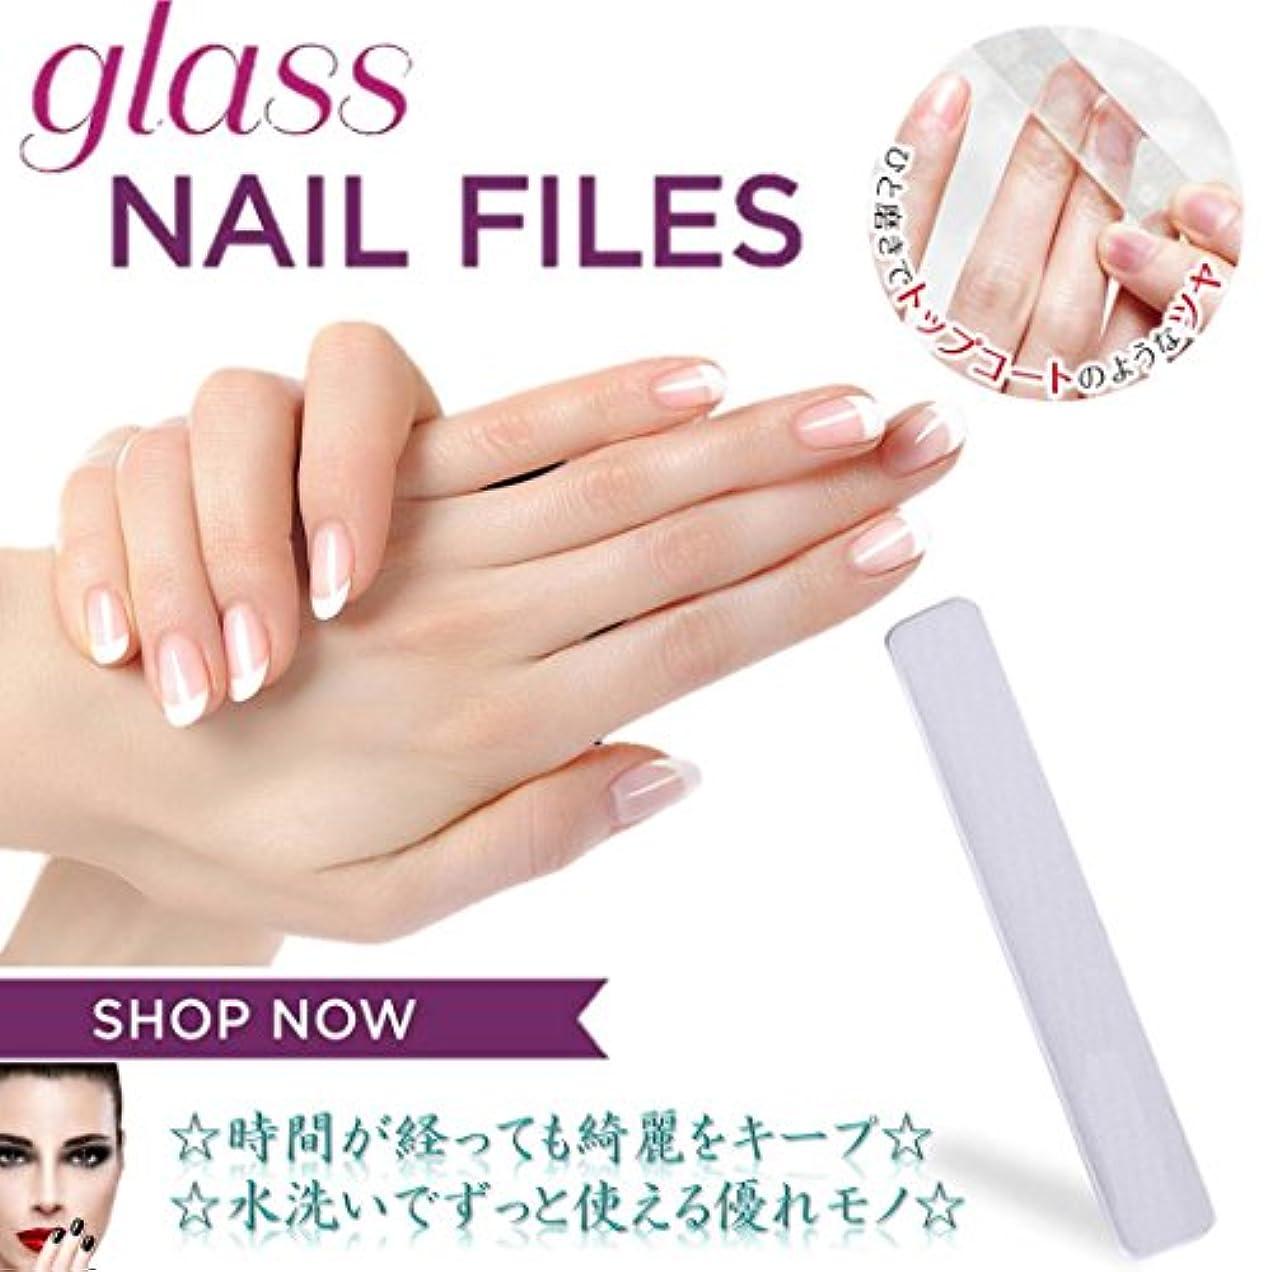 とティームに勝るエゴマニアMNoel ガラス爪磨き 韓国ナノテクノロジー ガラス爪やすり 水洗いで何度も使える ツメミガキ ネイルケア用 爪磨きシート ケース付き 男女兼用